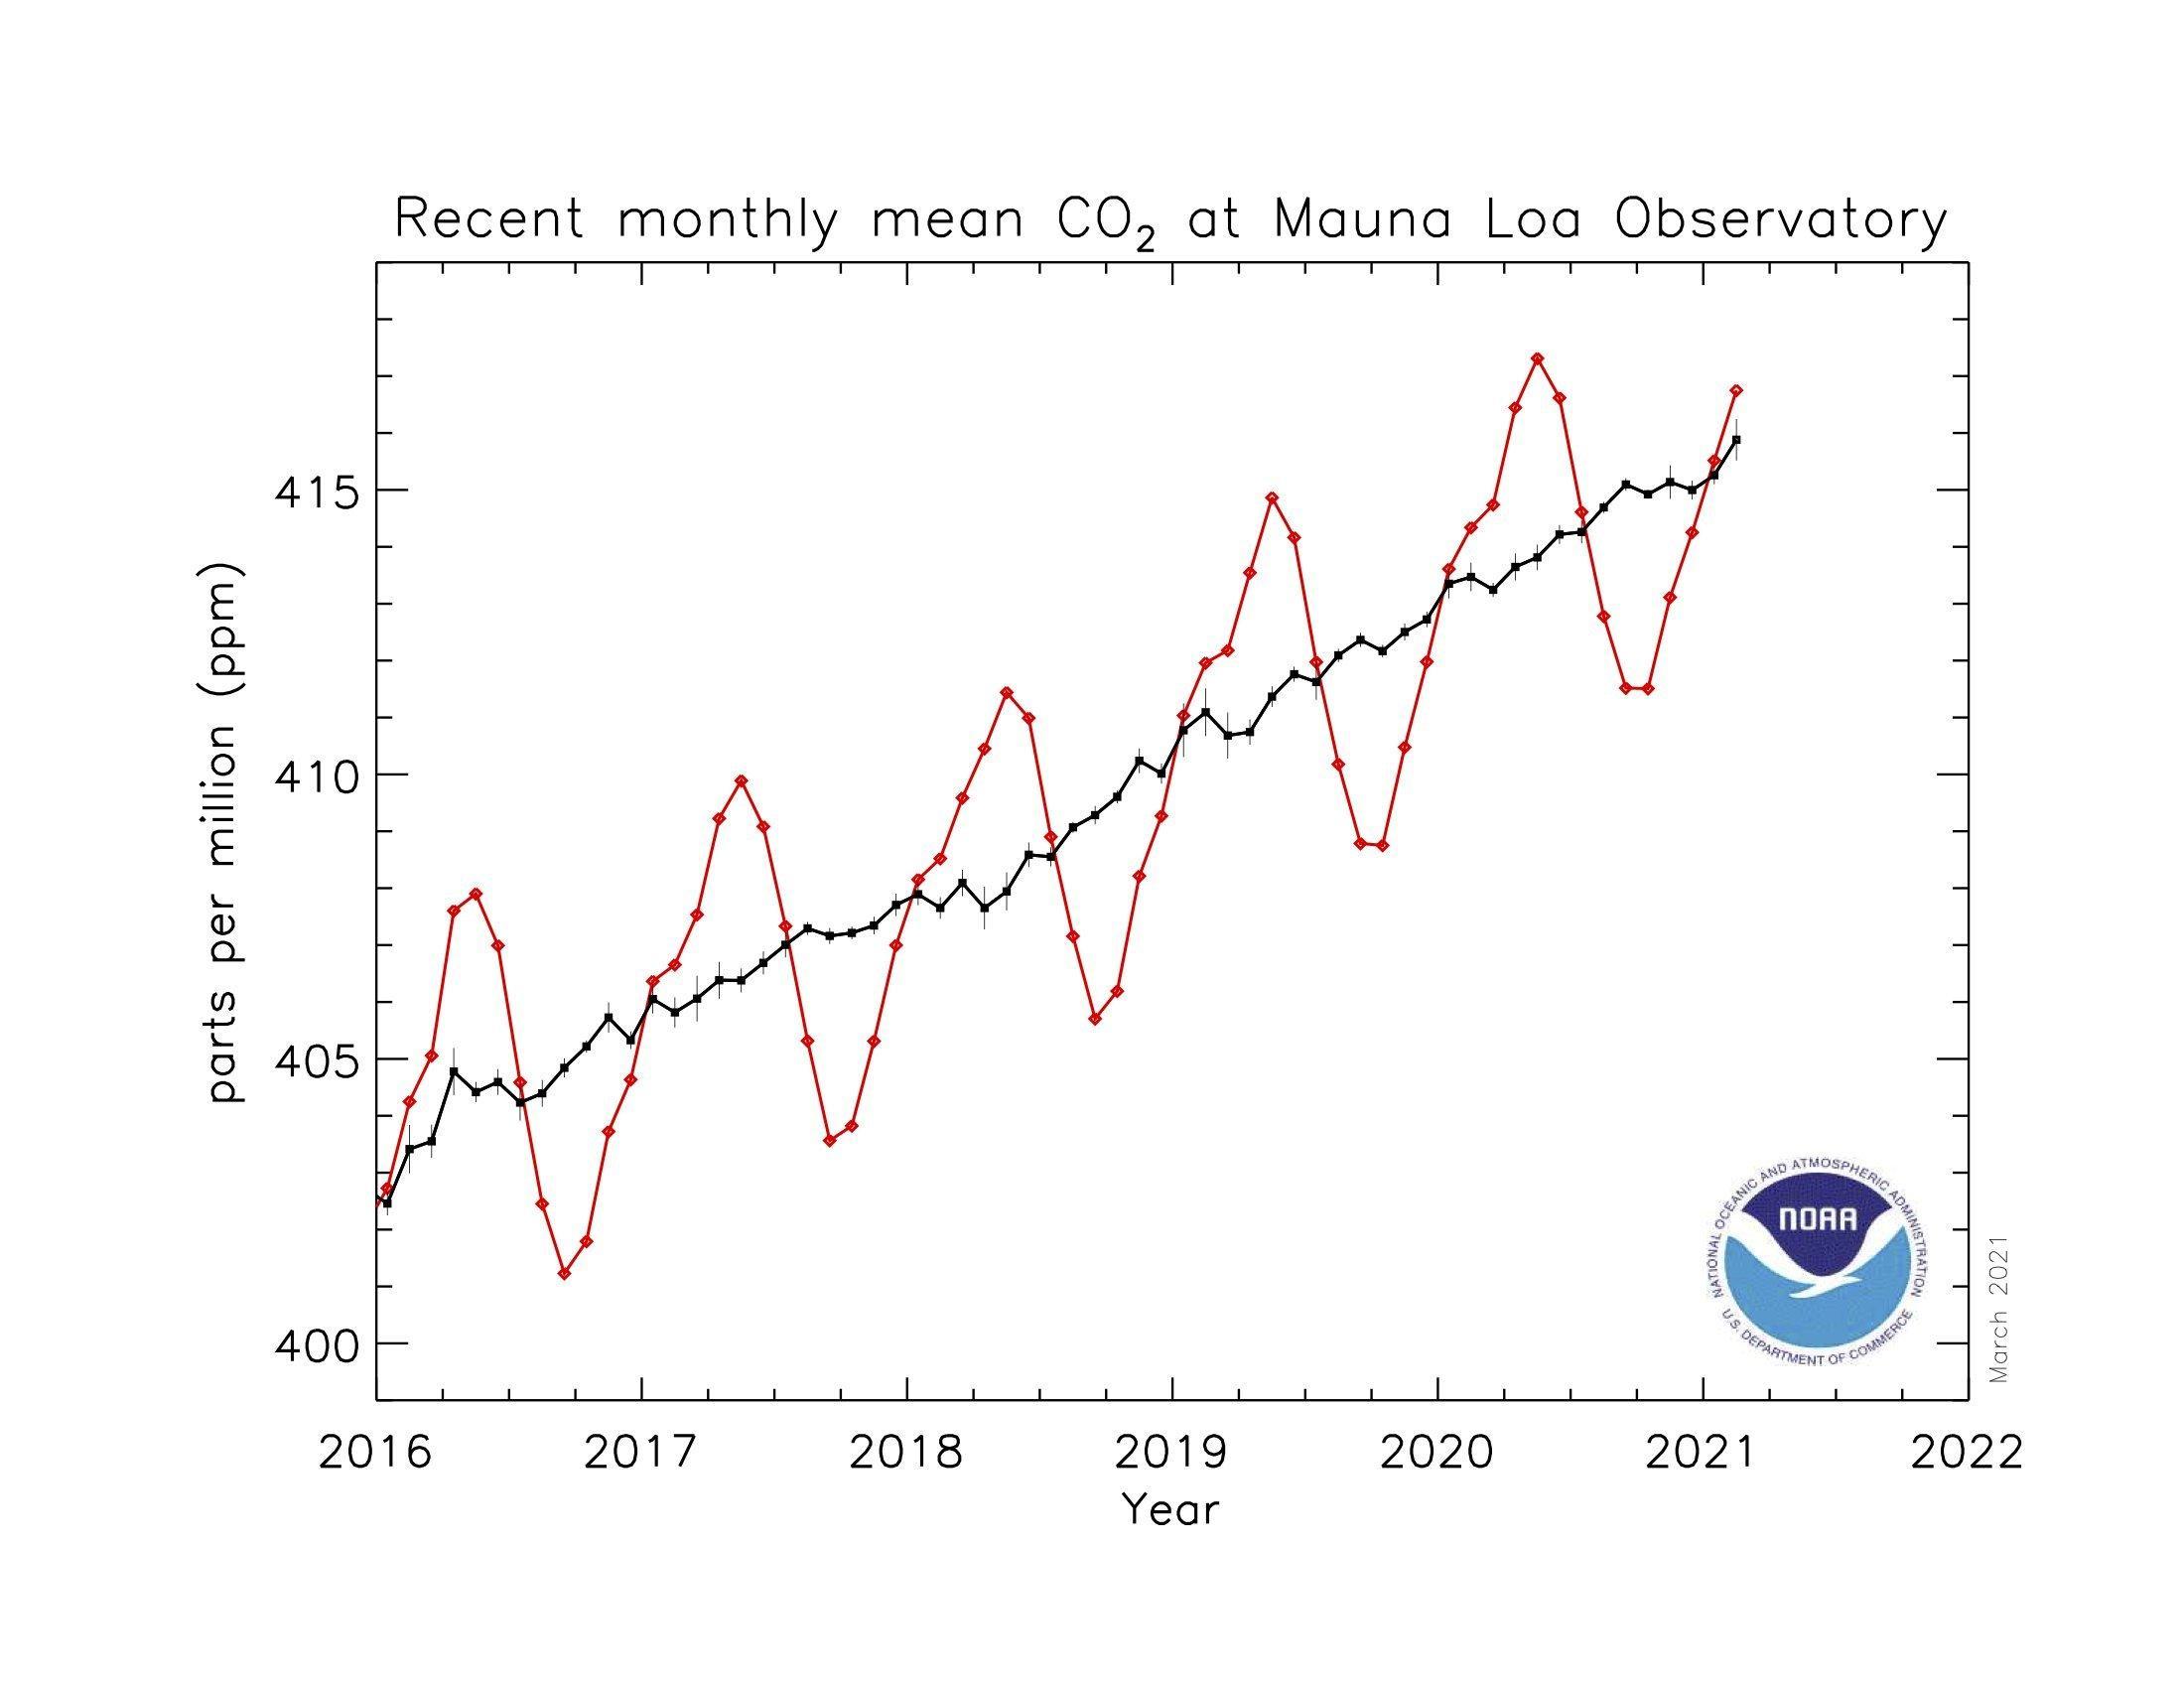 Graphik mit CO2-Werten seit 2016 – von knapp über 400ppm stieg der Wert in dieser Zeit stetig Richtung 420ppm.